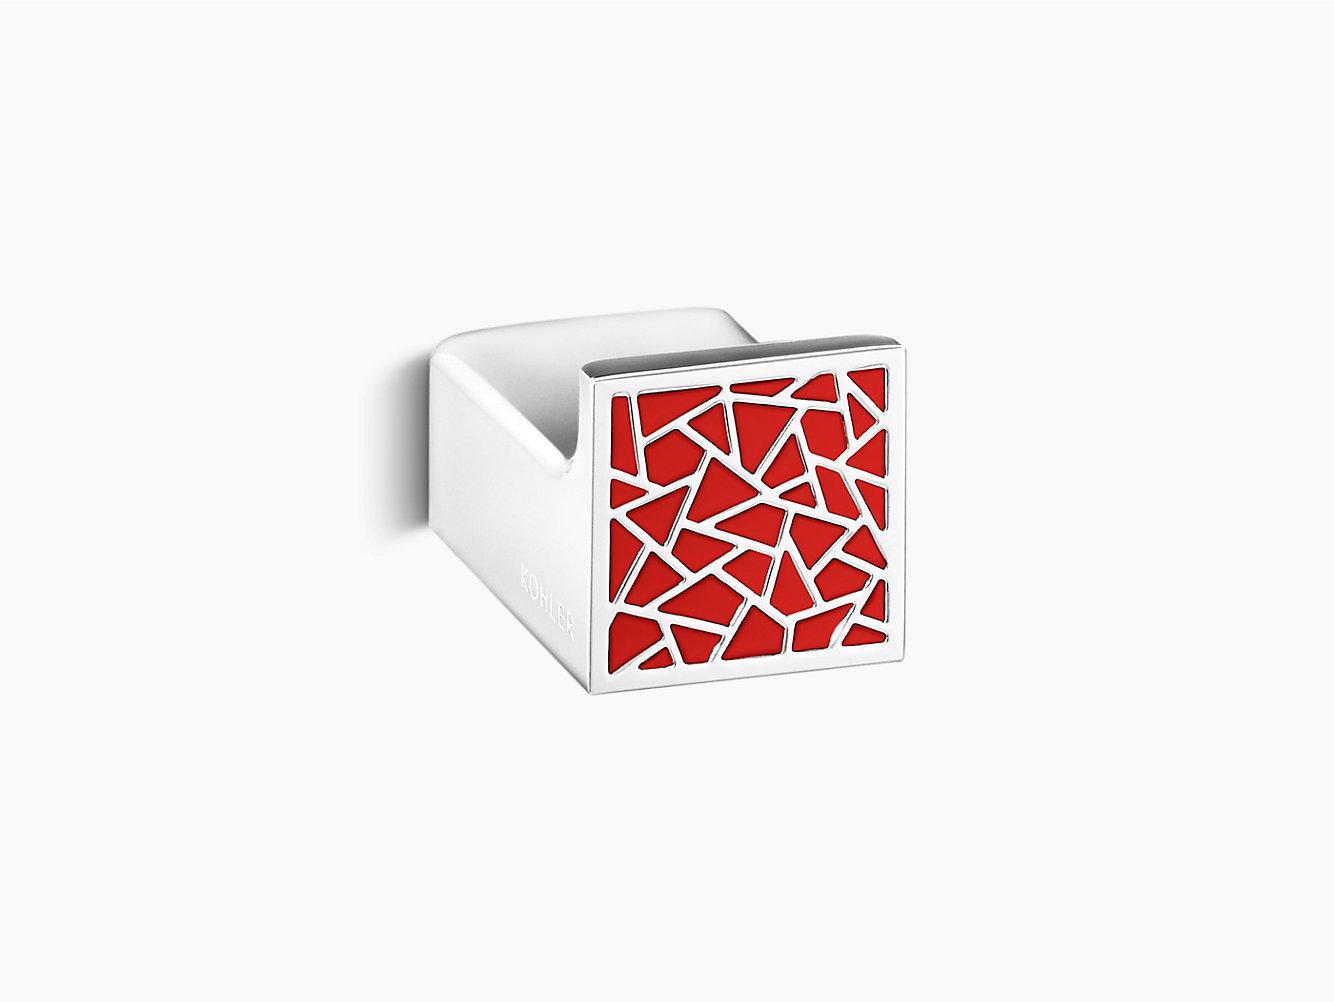 Modern Hytec Kohler Model - Bathroom and Shower Ideas - purosion.com